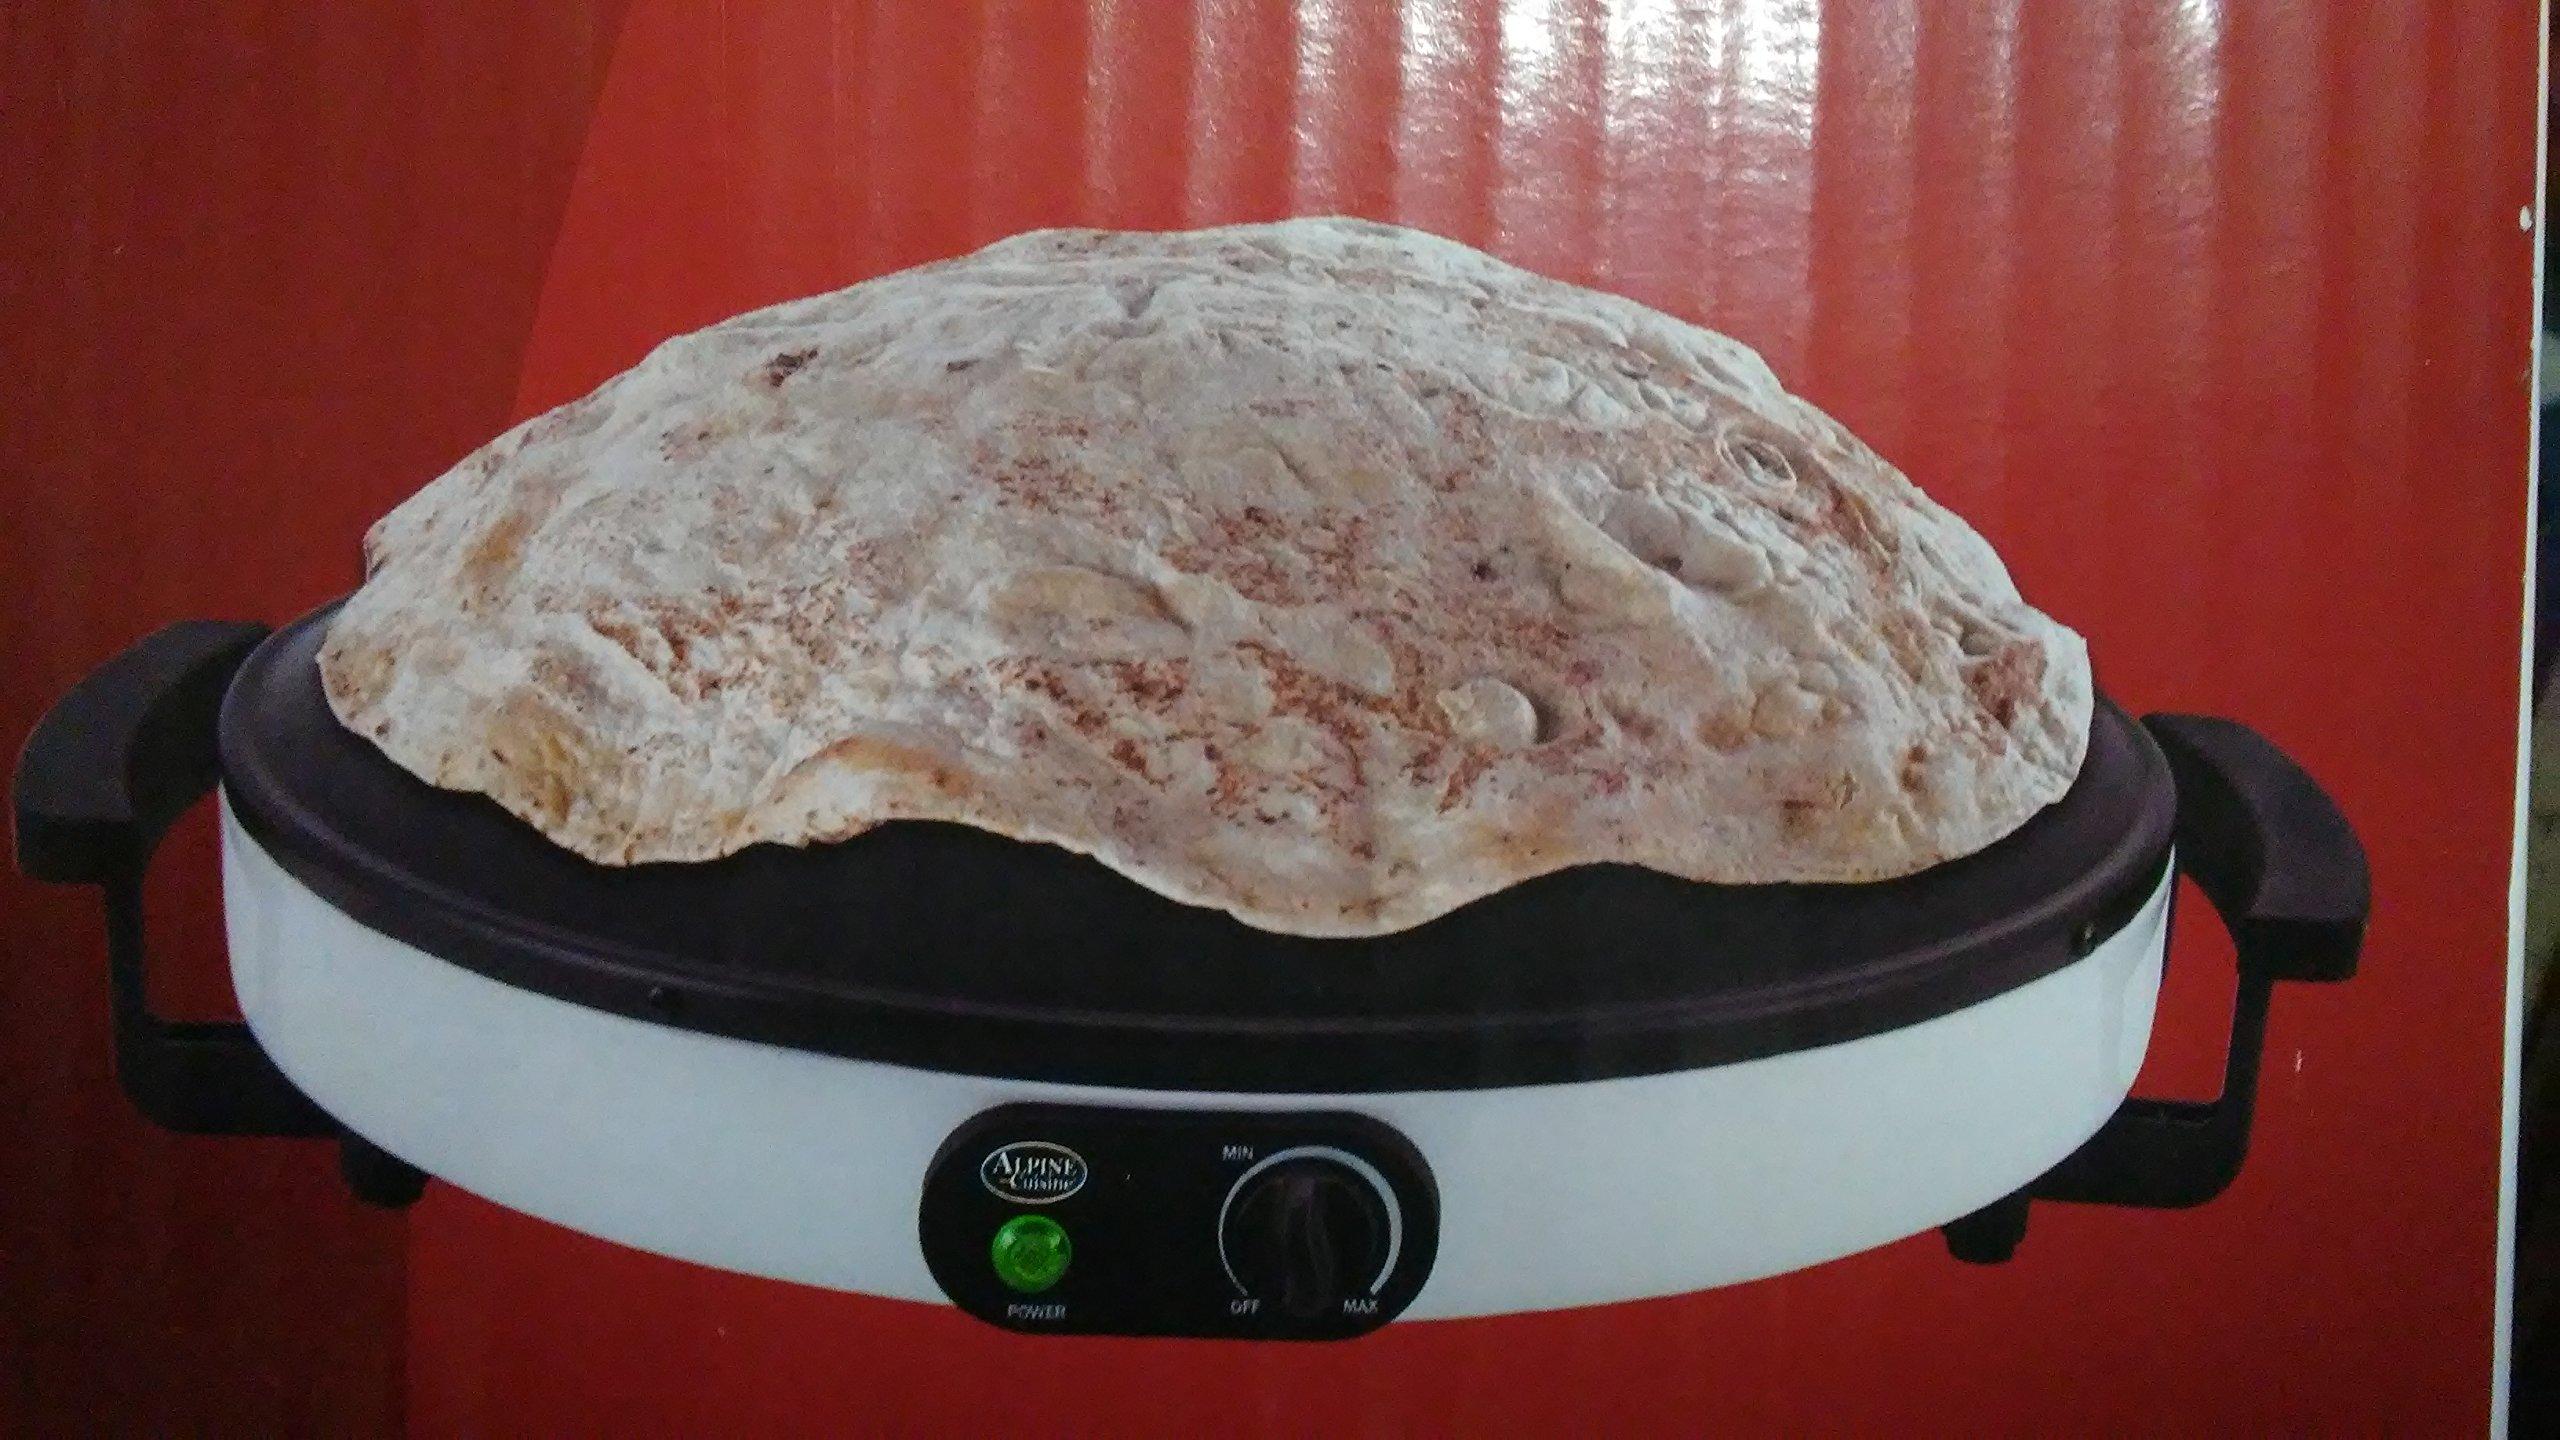 ELECTRIC Professional Model Tawa Saj Bread Roti Pan Chapati Flat Bread Tortilla Pita Bread Maker warmer Machine 120V.